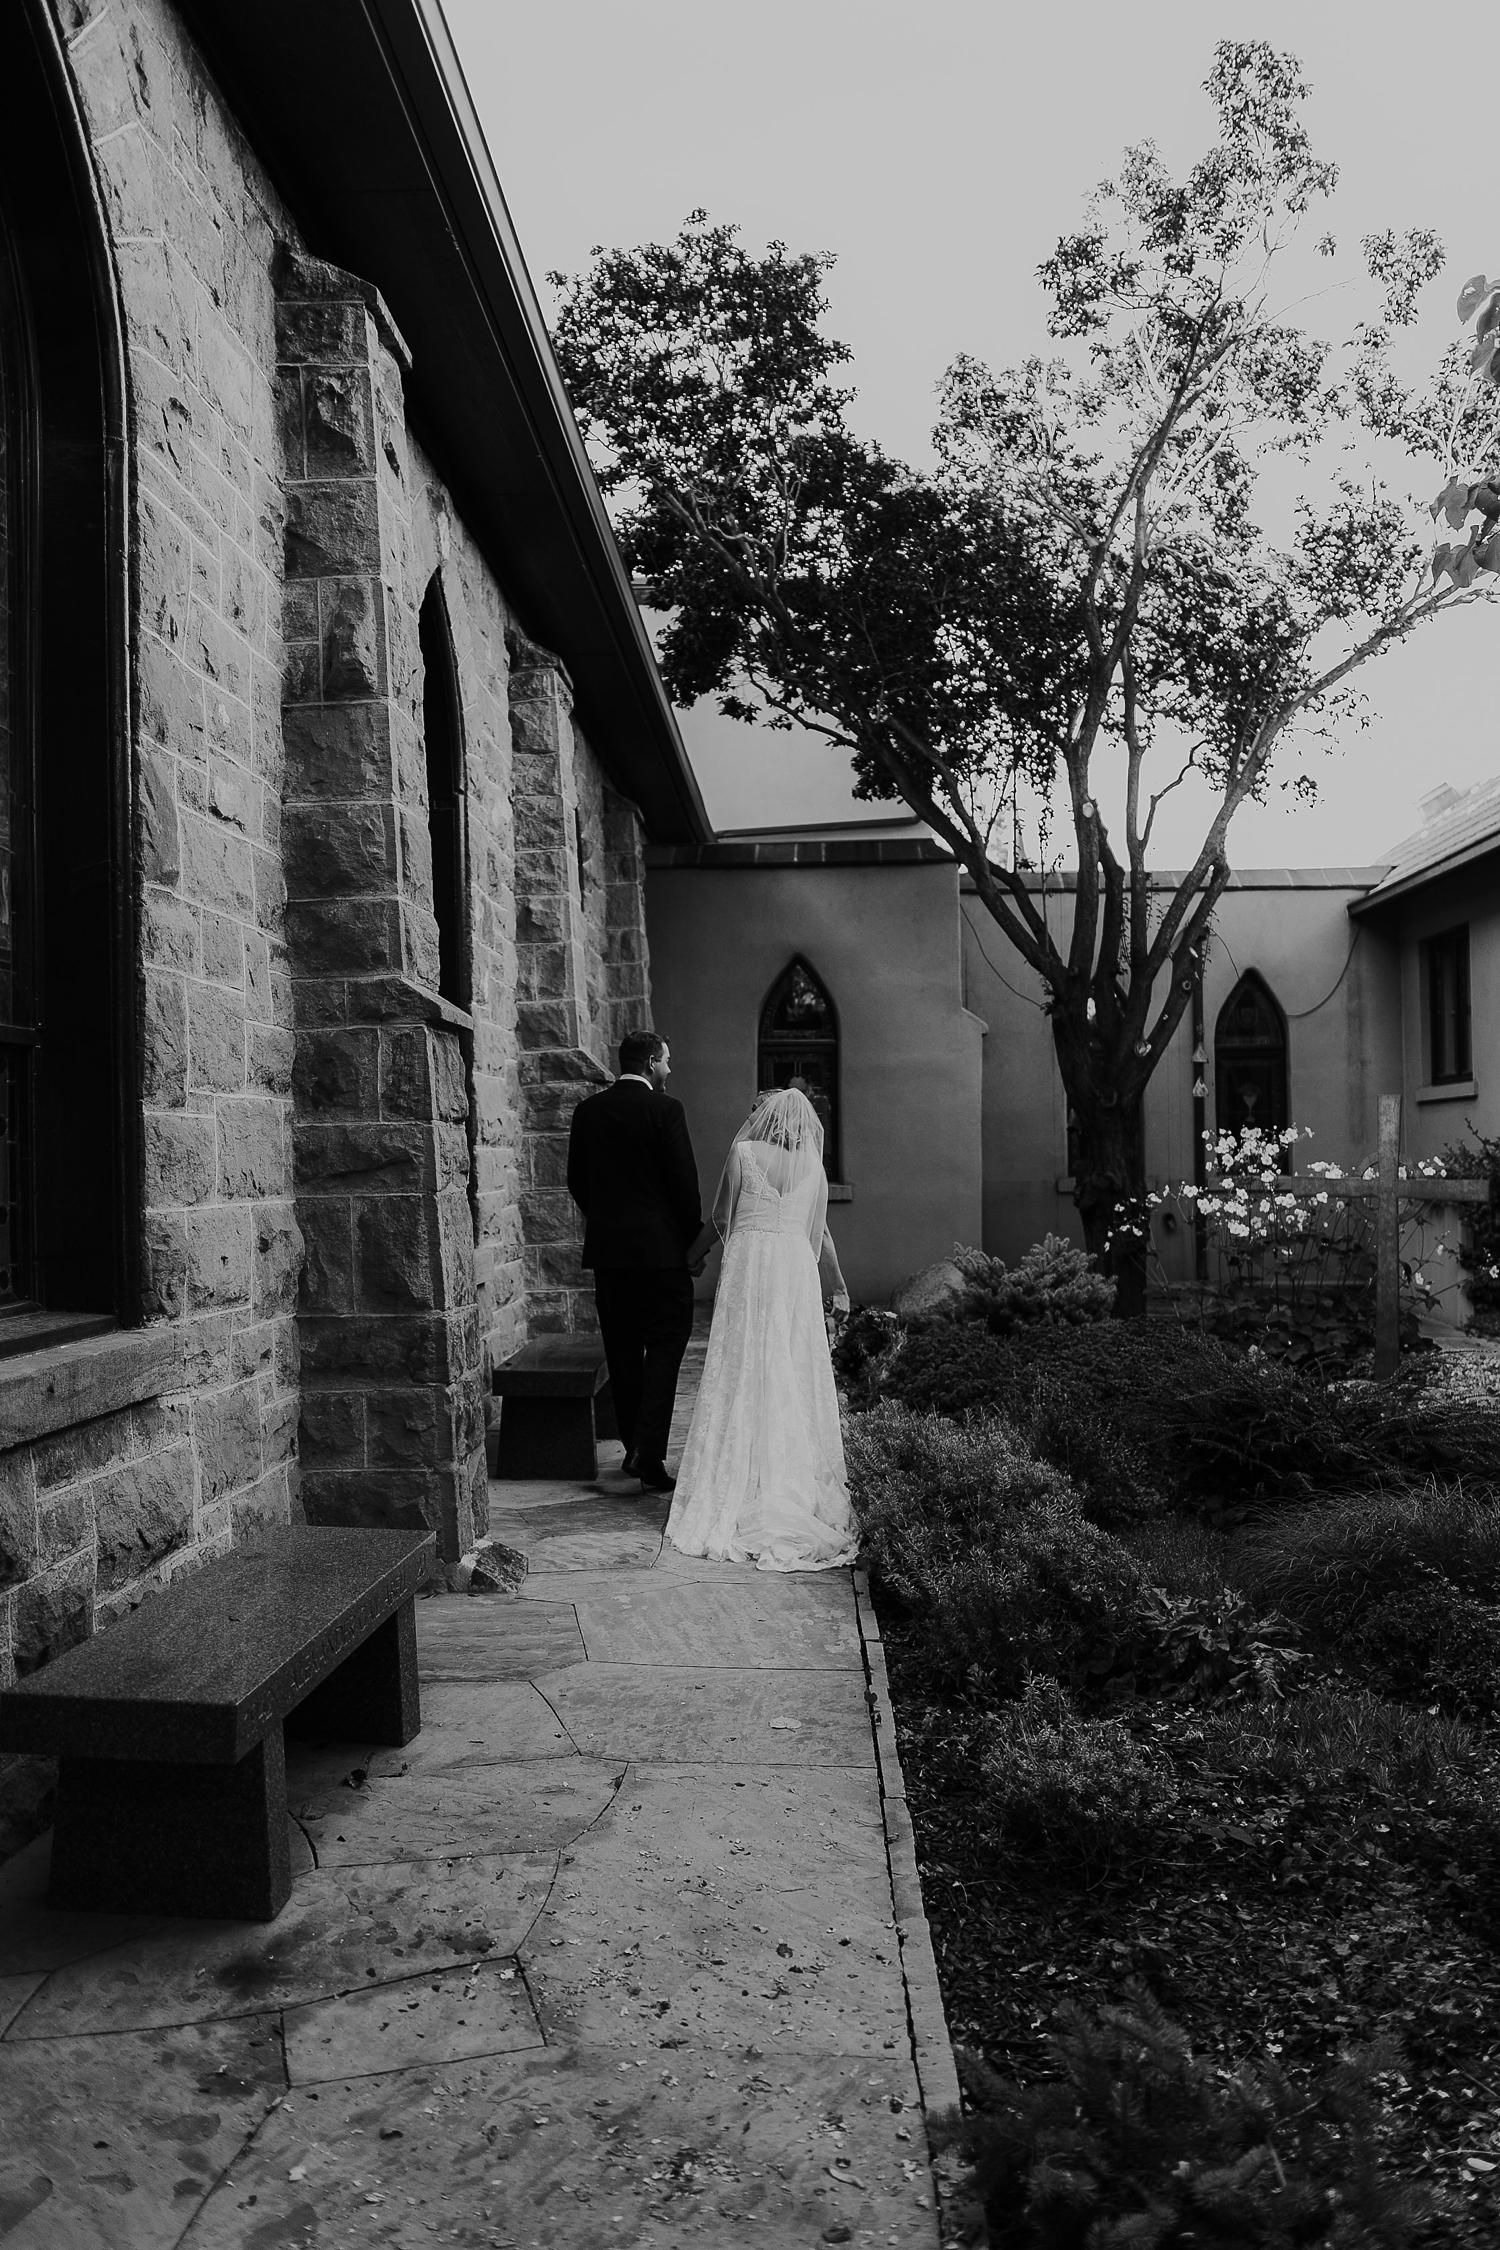 Alicia+lucia+photography+-+albuquerque+wedding+photographer+-+santa+fe+wedding+photography+-+new+mexico+wedding+photographer+-+la+fonda+wedding+-+la+fonda+fall+wedding+-+intimate+la+fonda+wedding_0034.jpg